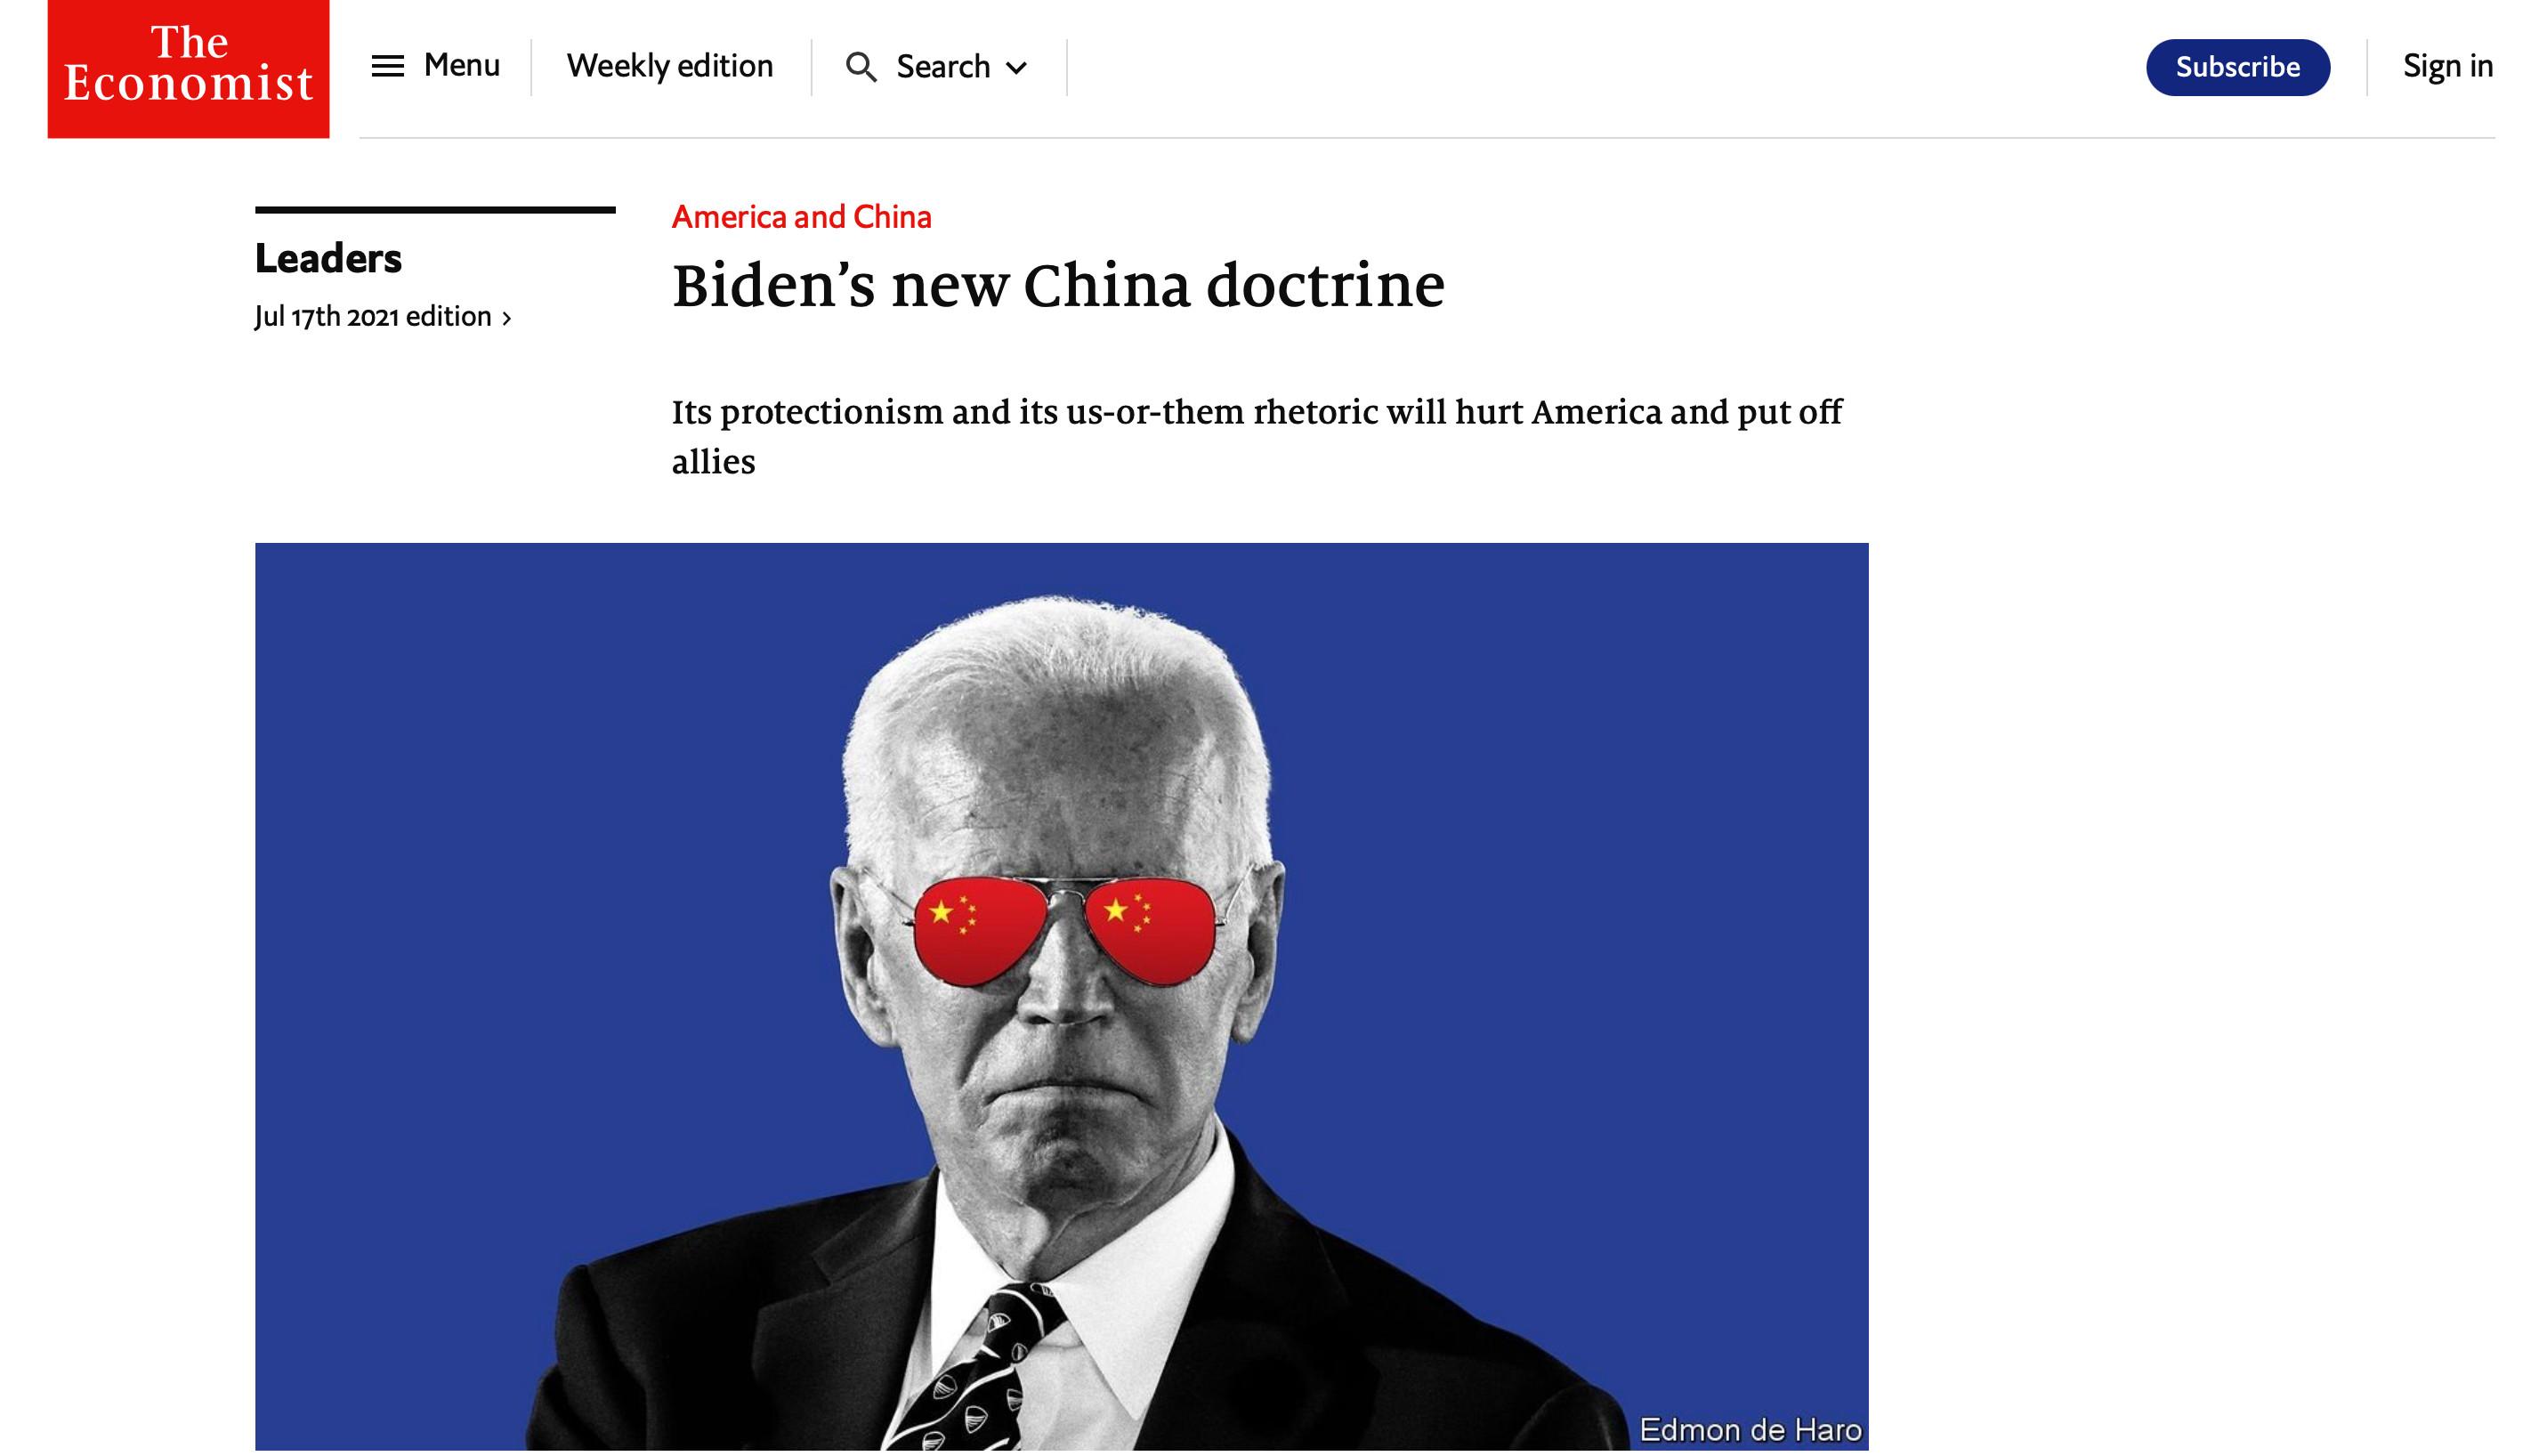 拜登,美國,美中關係,新冷戰,外交,貧富差距,中國,民主,德國,全球化,科技國家主義